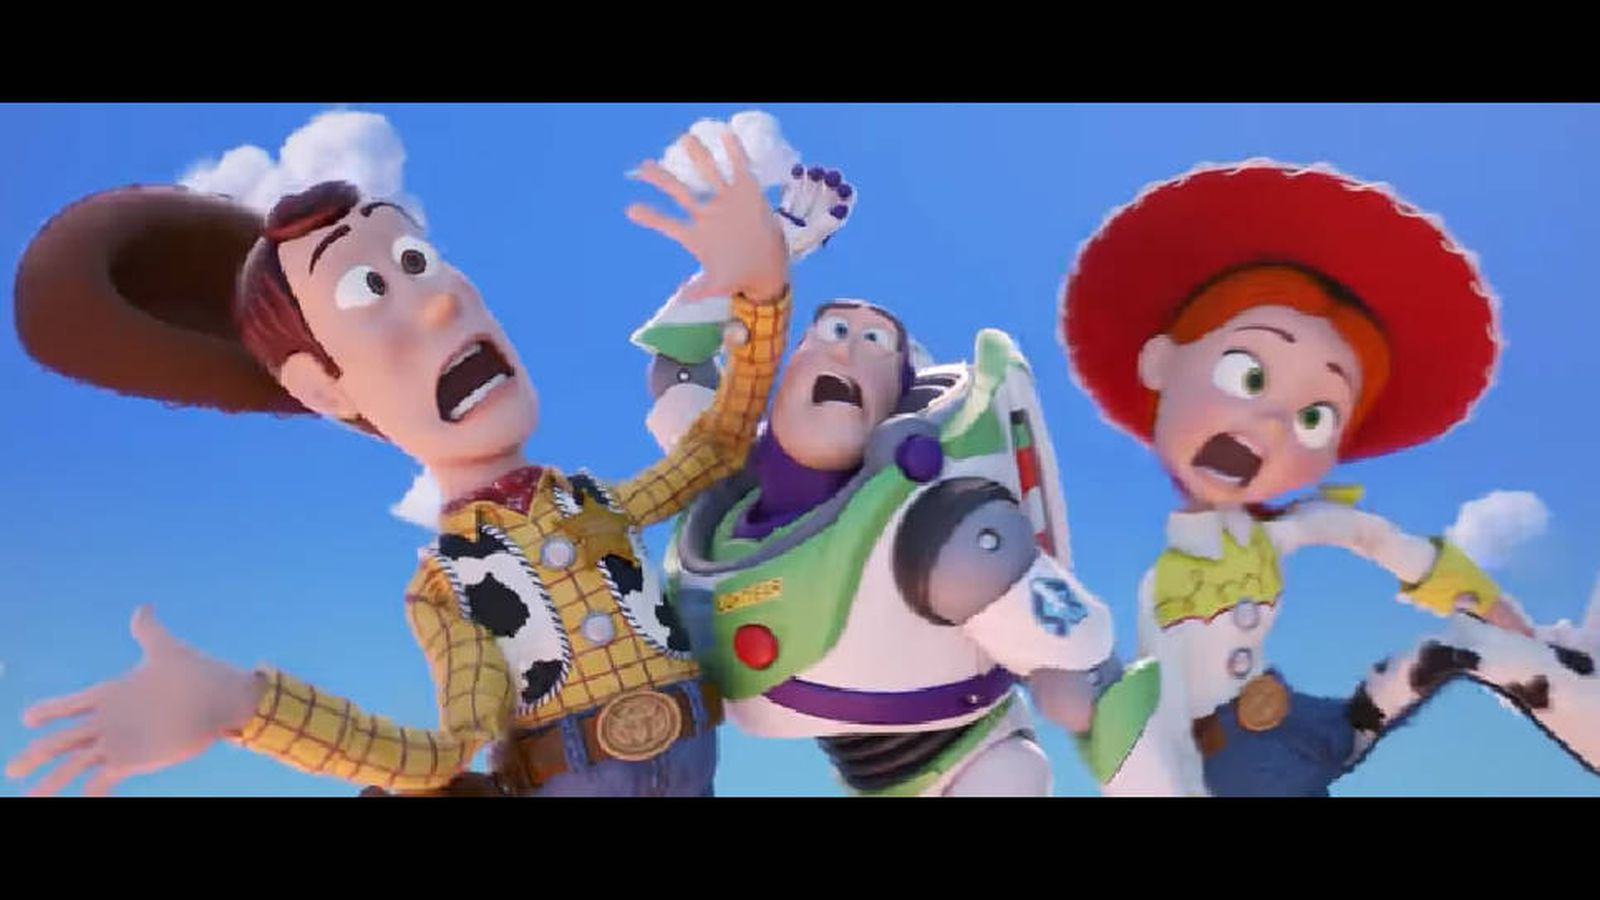 Foto: Woody, Buzz Lightyear y Jessie volverán a la gran pantalla con Toy Story 4